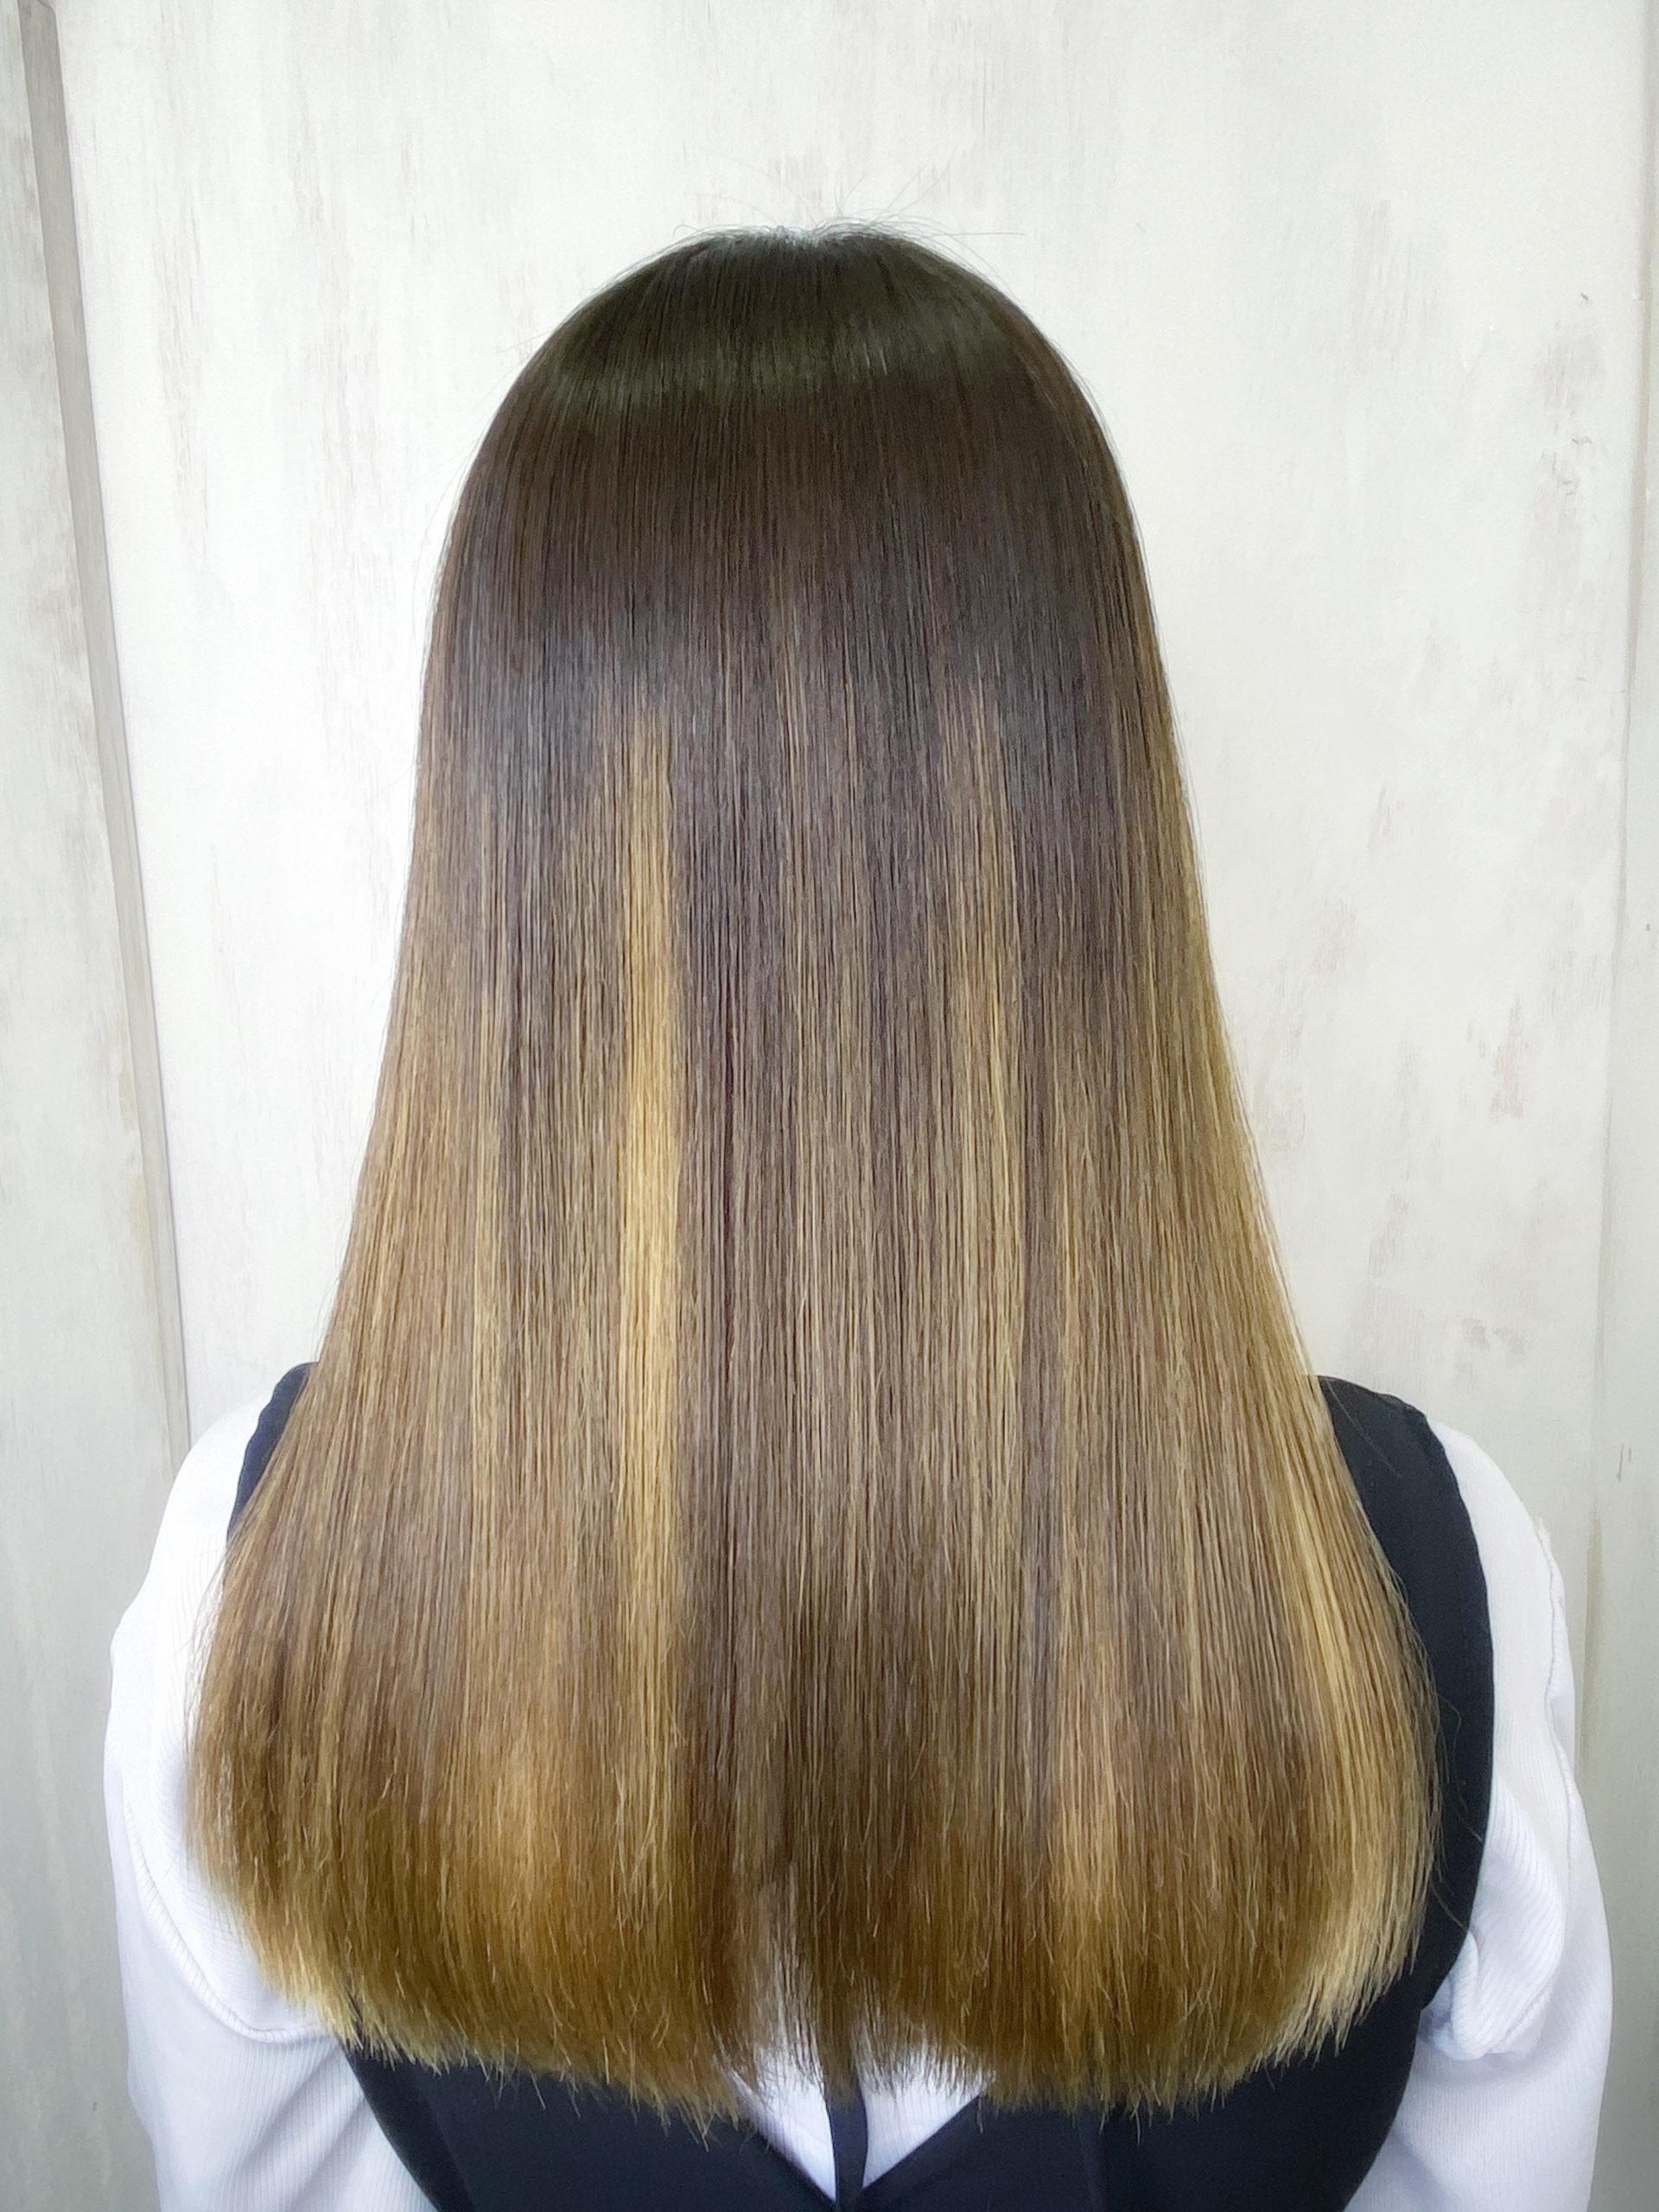 ブリーチ毛で広がり、パサつきが気になる髪の縮毛矯正。原宿・表参道『髪のお悩みを解決するヘアケア美容師の挑戦』